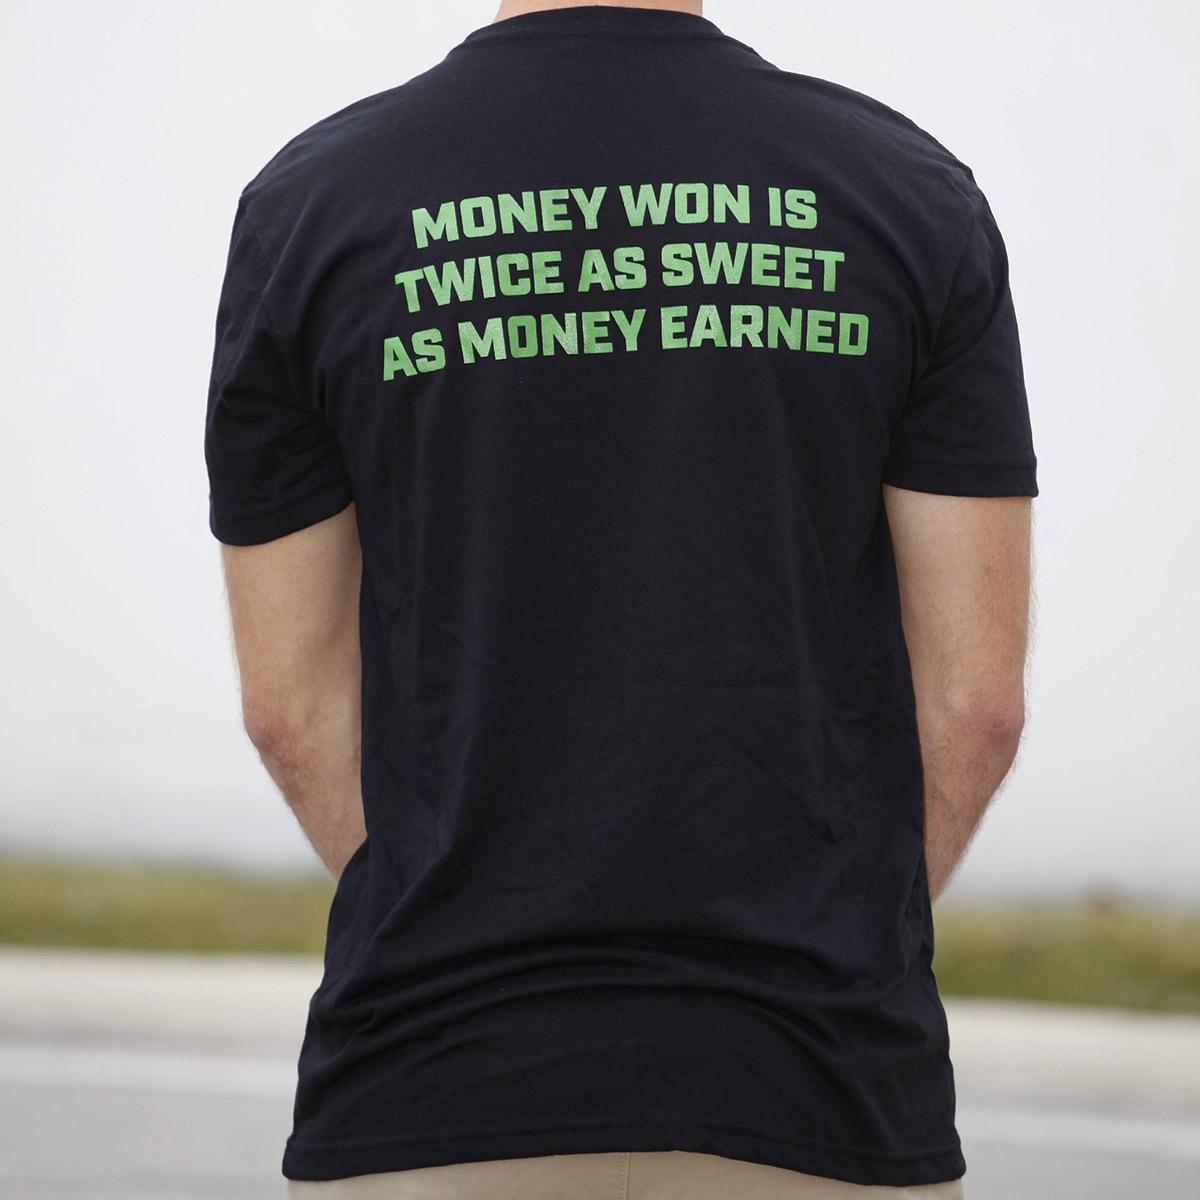 Money won is twice as sweet as money earned - black t shirt - back